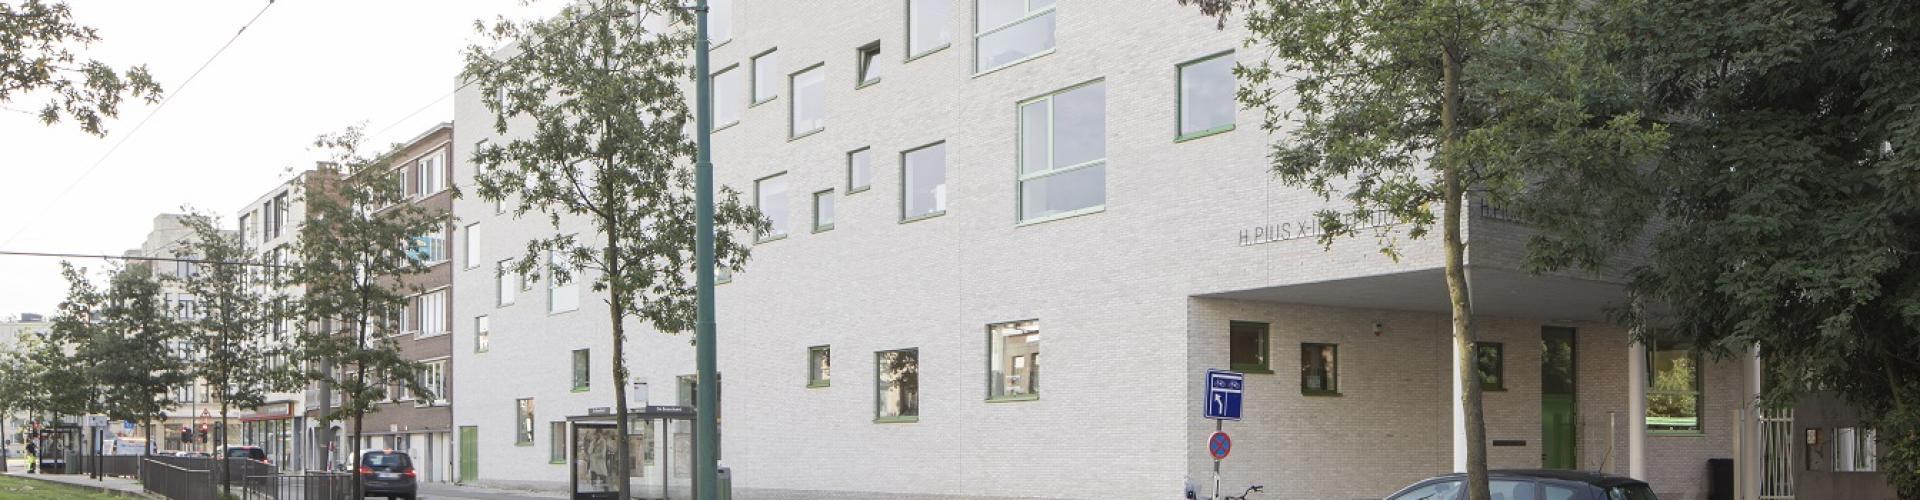 Vrije basisschool Pius X - H. Pius X-Instituut Antwerpen